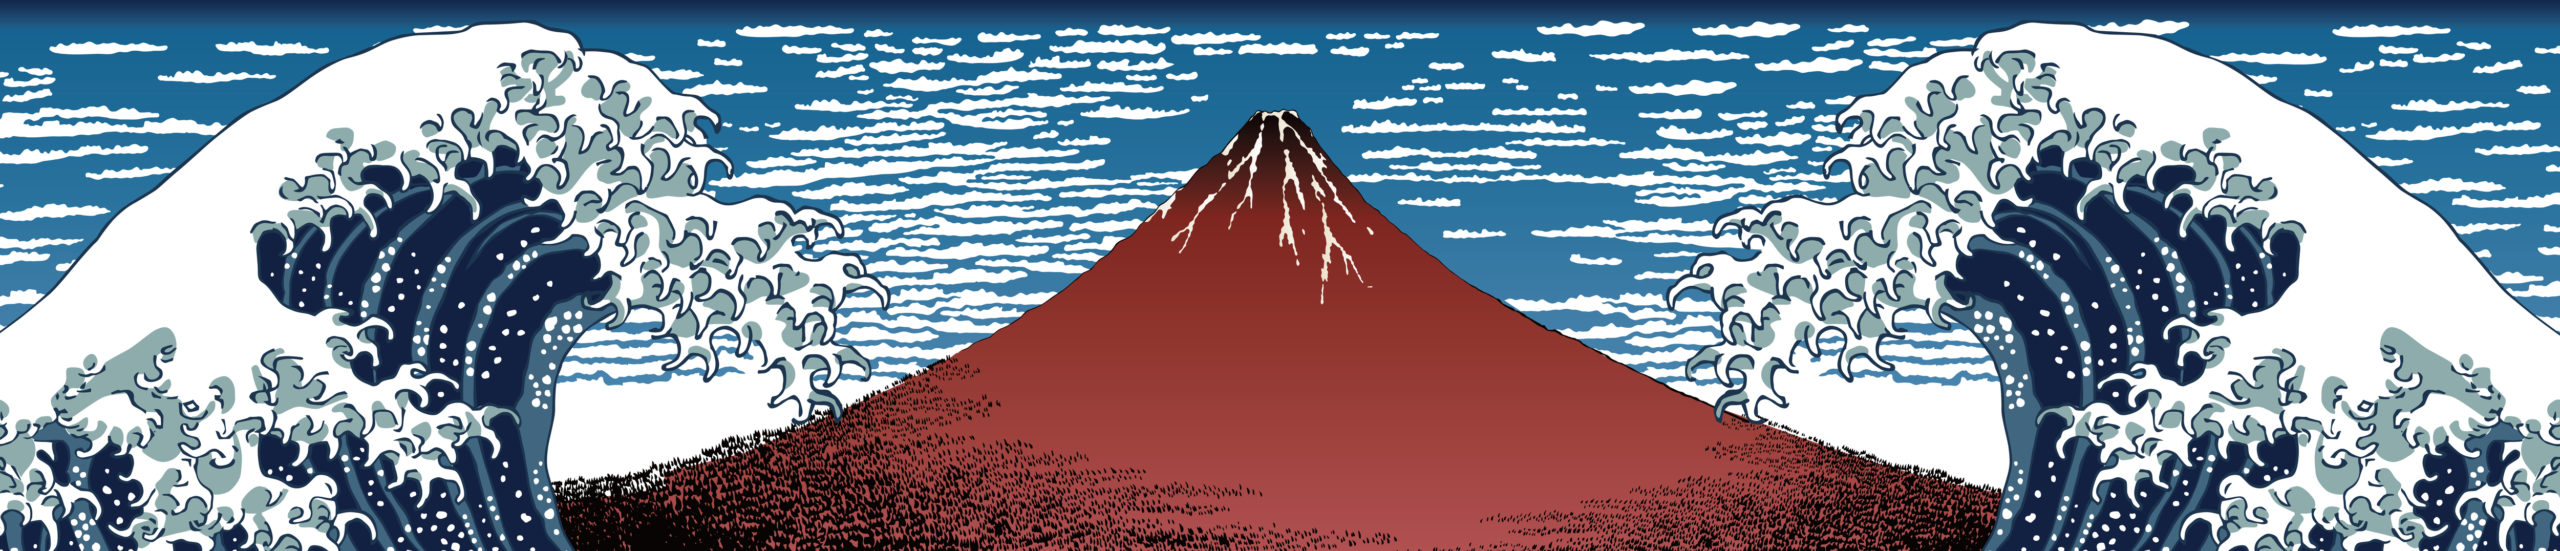 Reinterpretación de la ola de Hokusai. | CRÉDITO: Kimasa